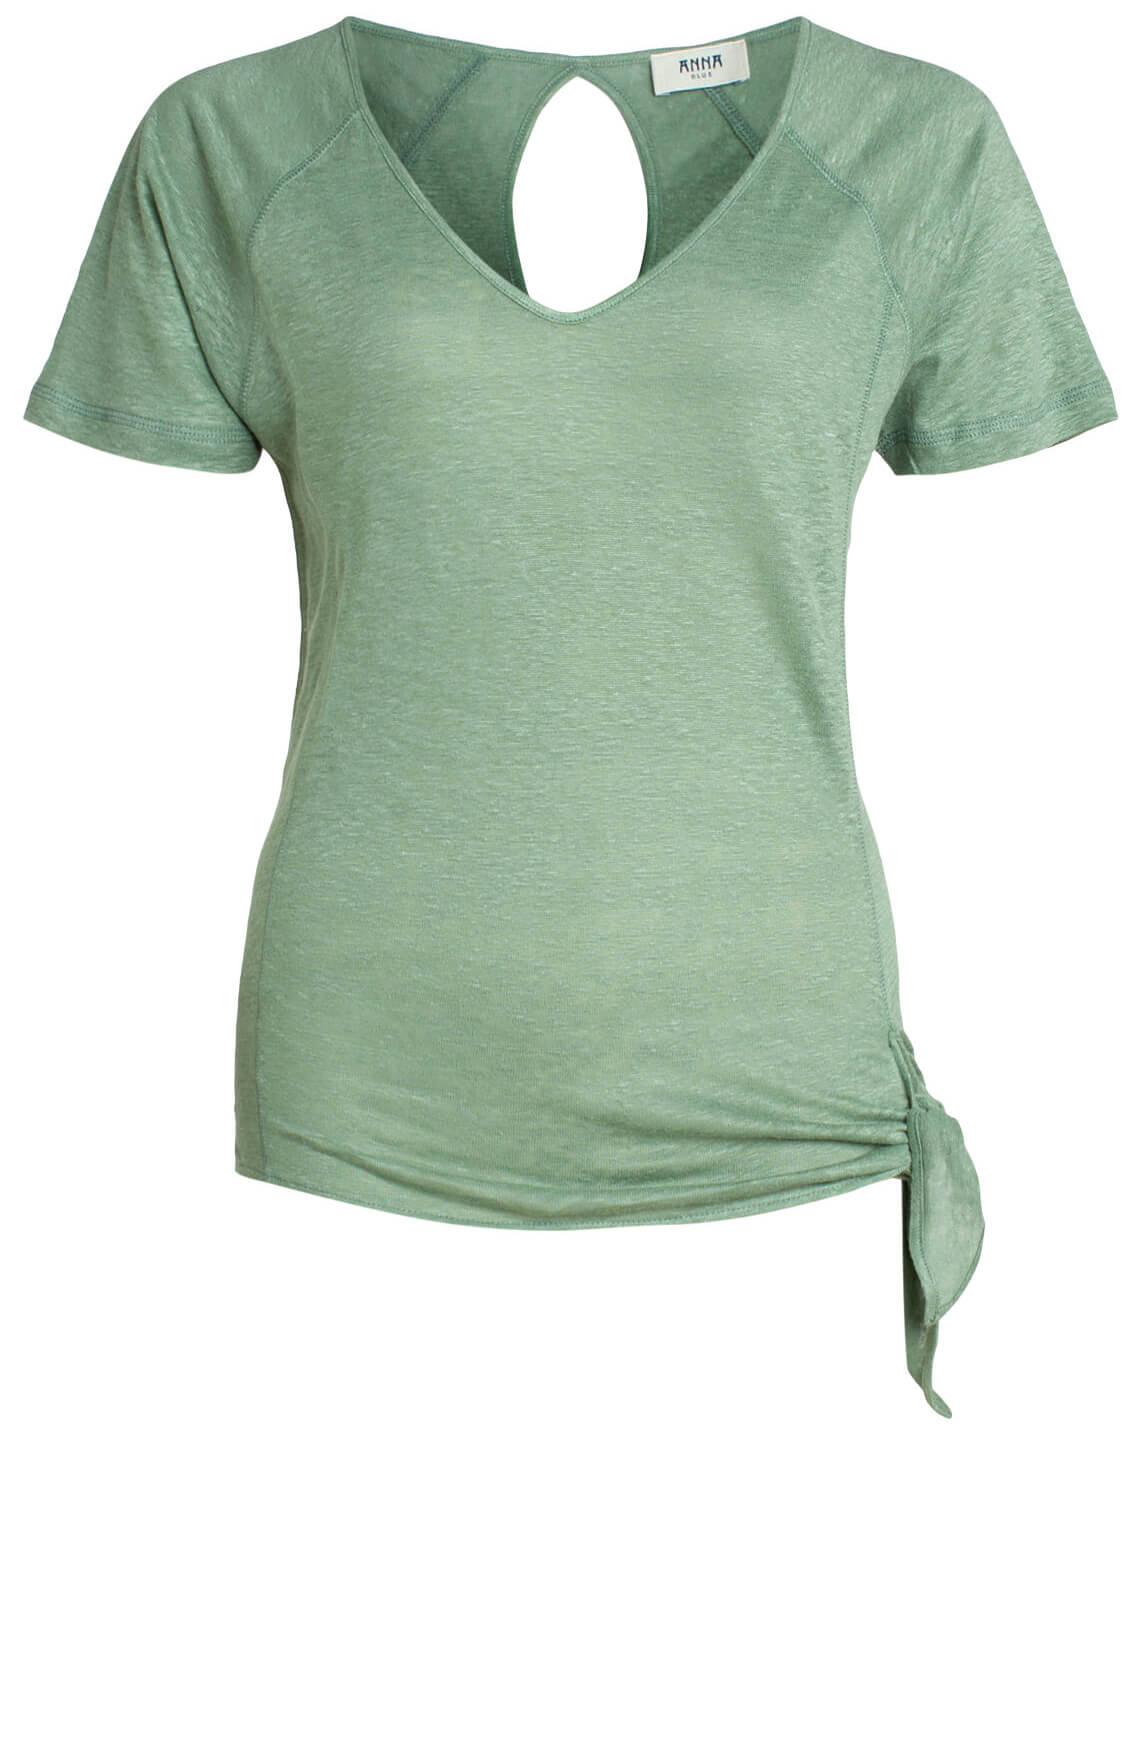 Anna Blue Dames Shirt met knoopdetail groen